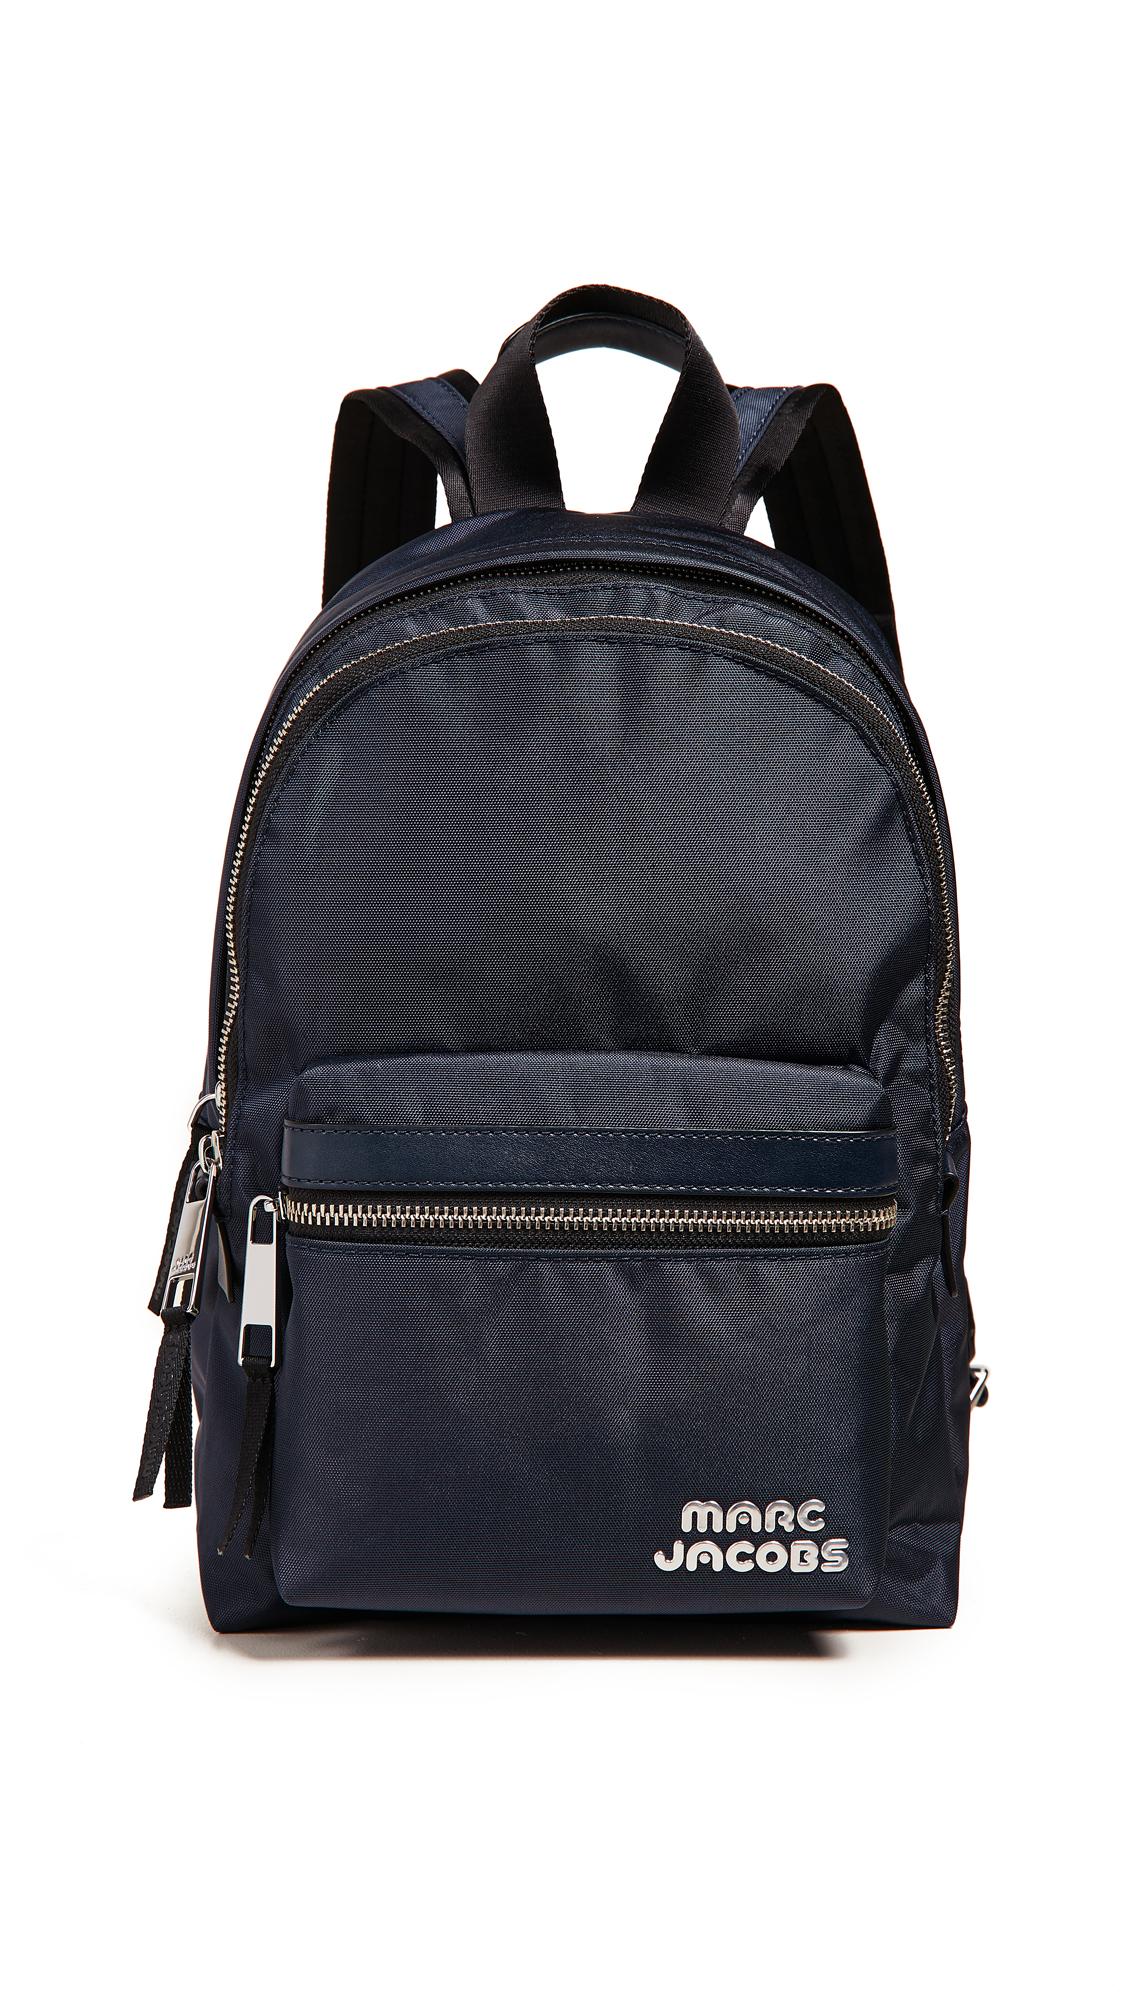 Trek Pack Medium Backpack in Midnight Blue